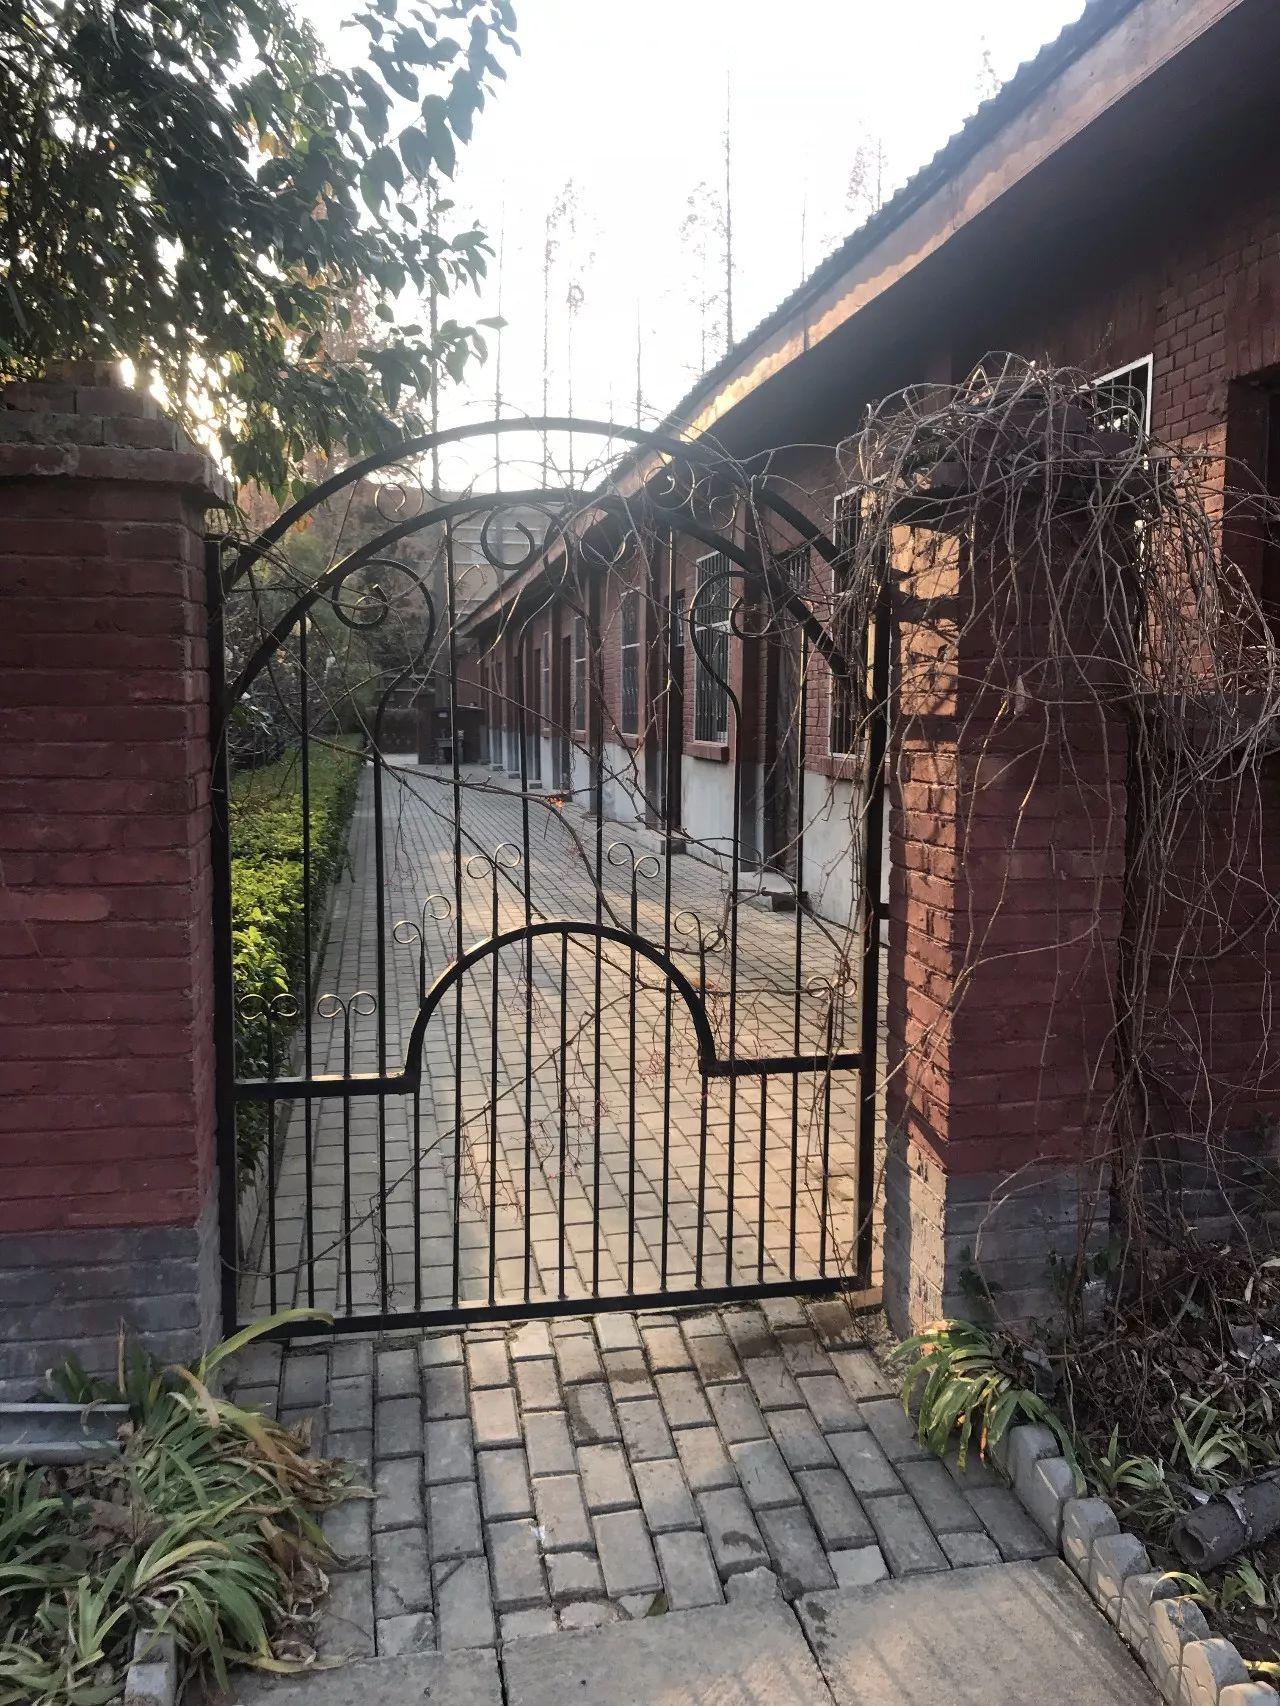 ▲卢氏县委大院中,唯逐一排设有栅栏门的土坯房,王战方曾在这里办公。新京报记者 贾世煜 摄